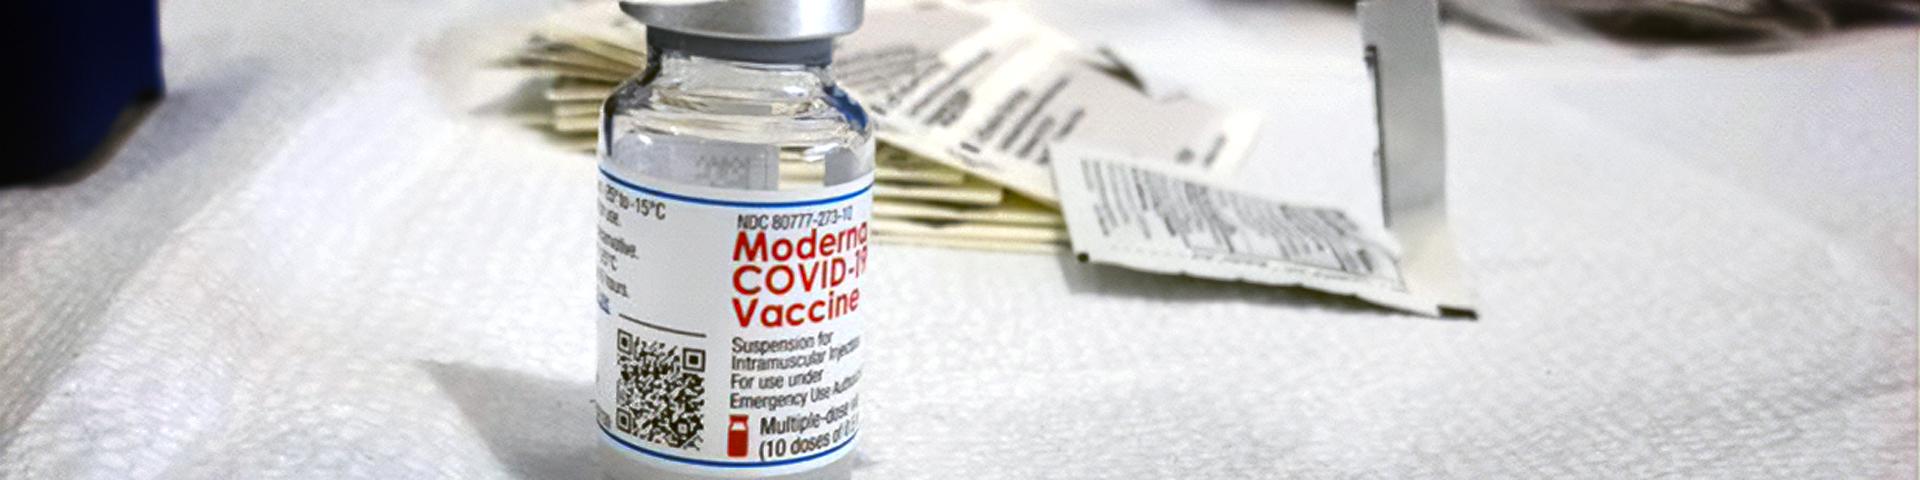 Vial of Moderna COVID-19 vaccine